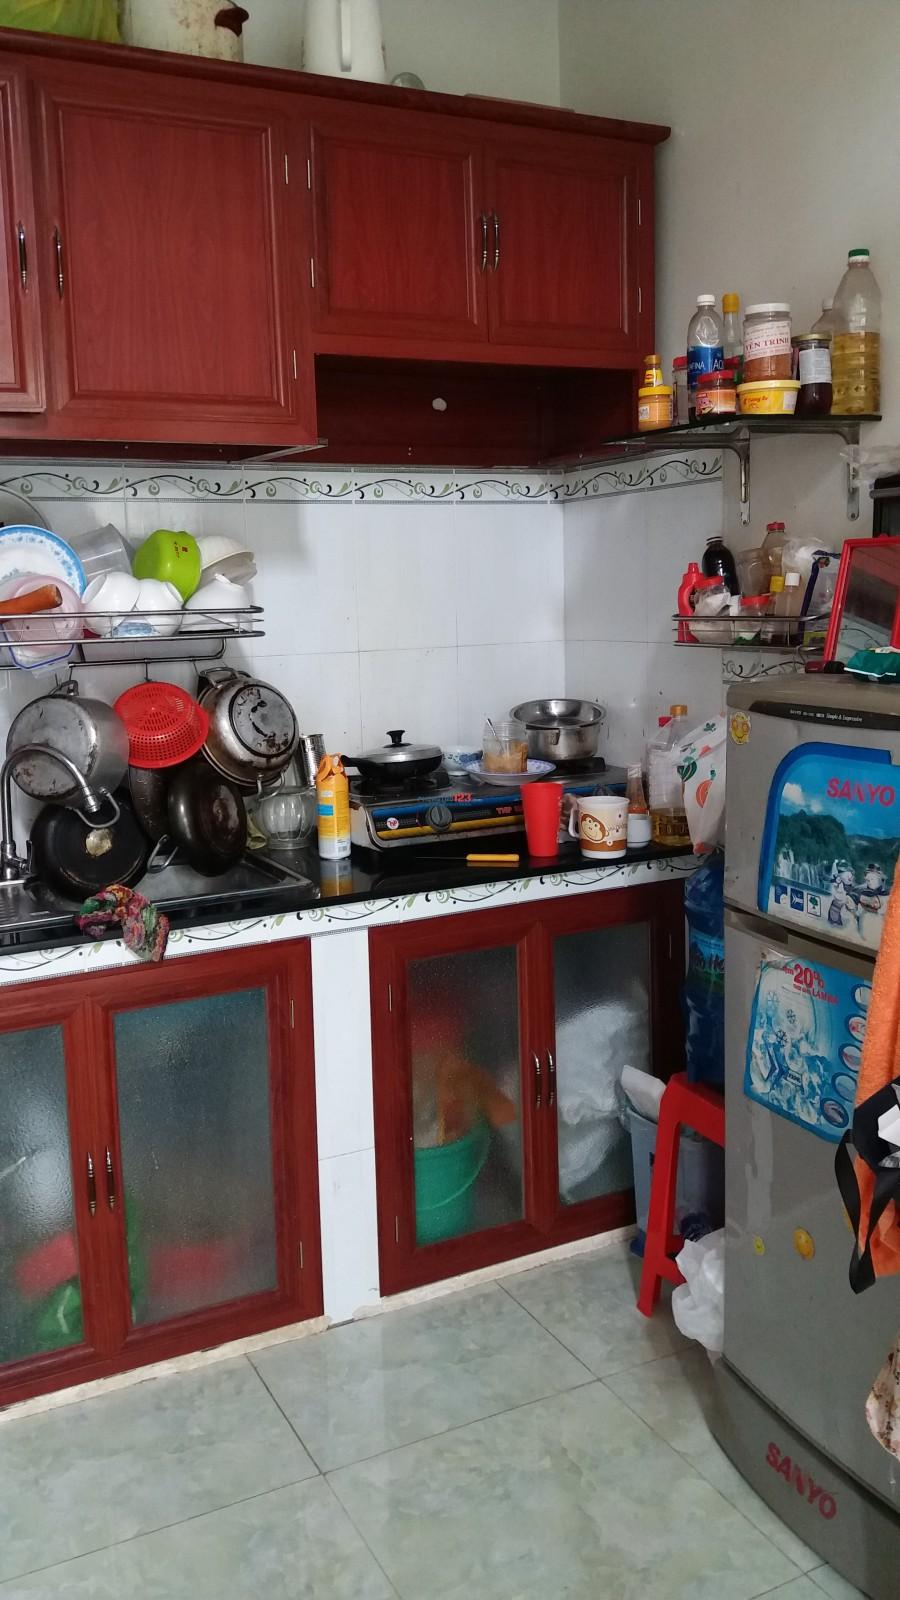 Cần tìm nữ ở ghép nhà nguyên căn gần ĐH Nông Lâm, có hỗ trợ sinh viên làm thêm